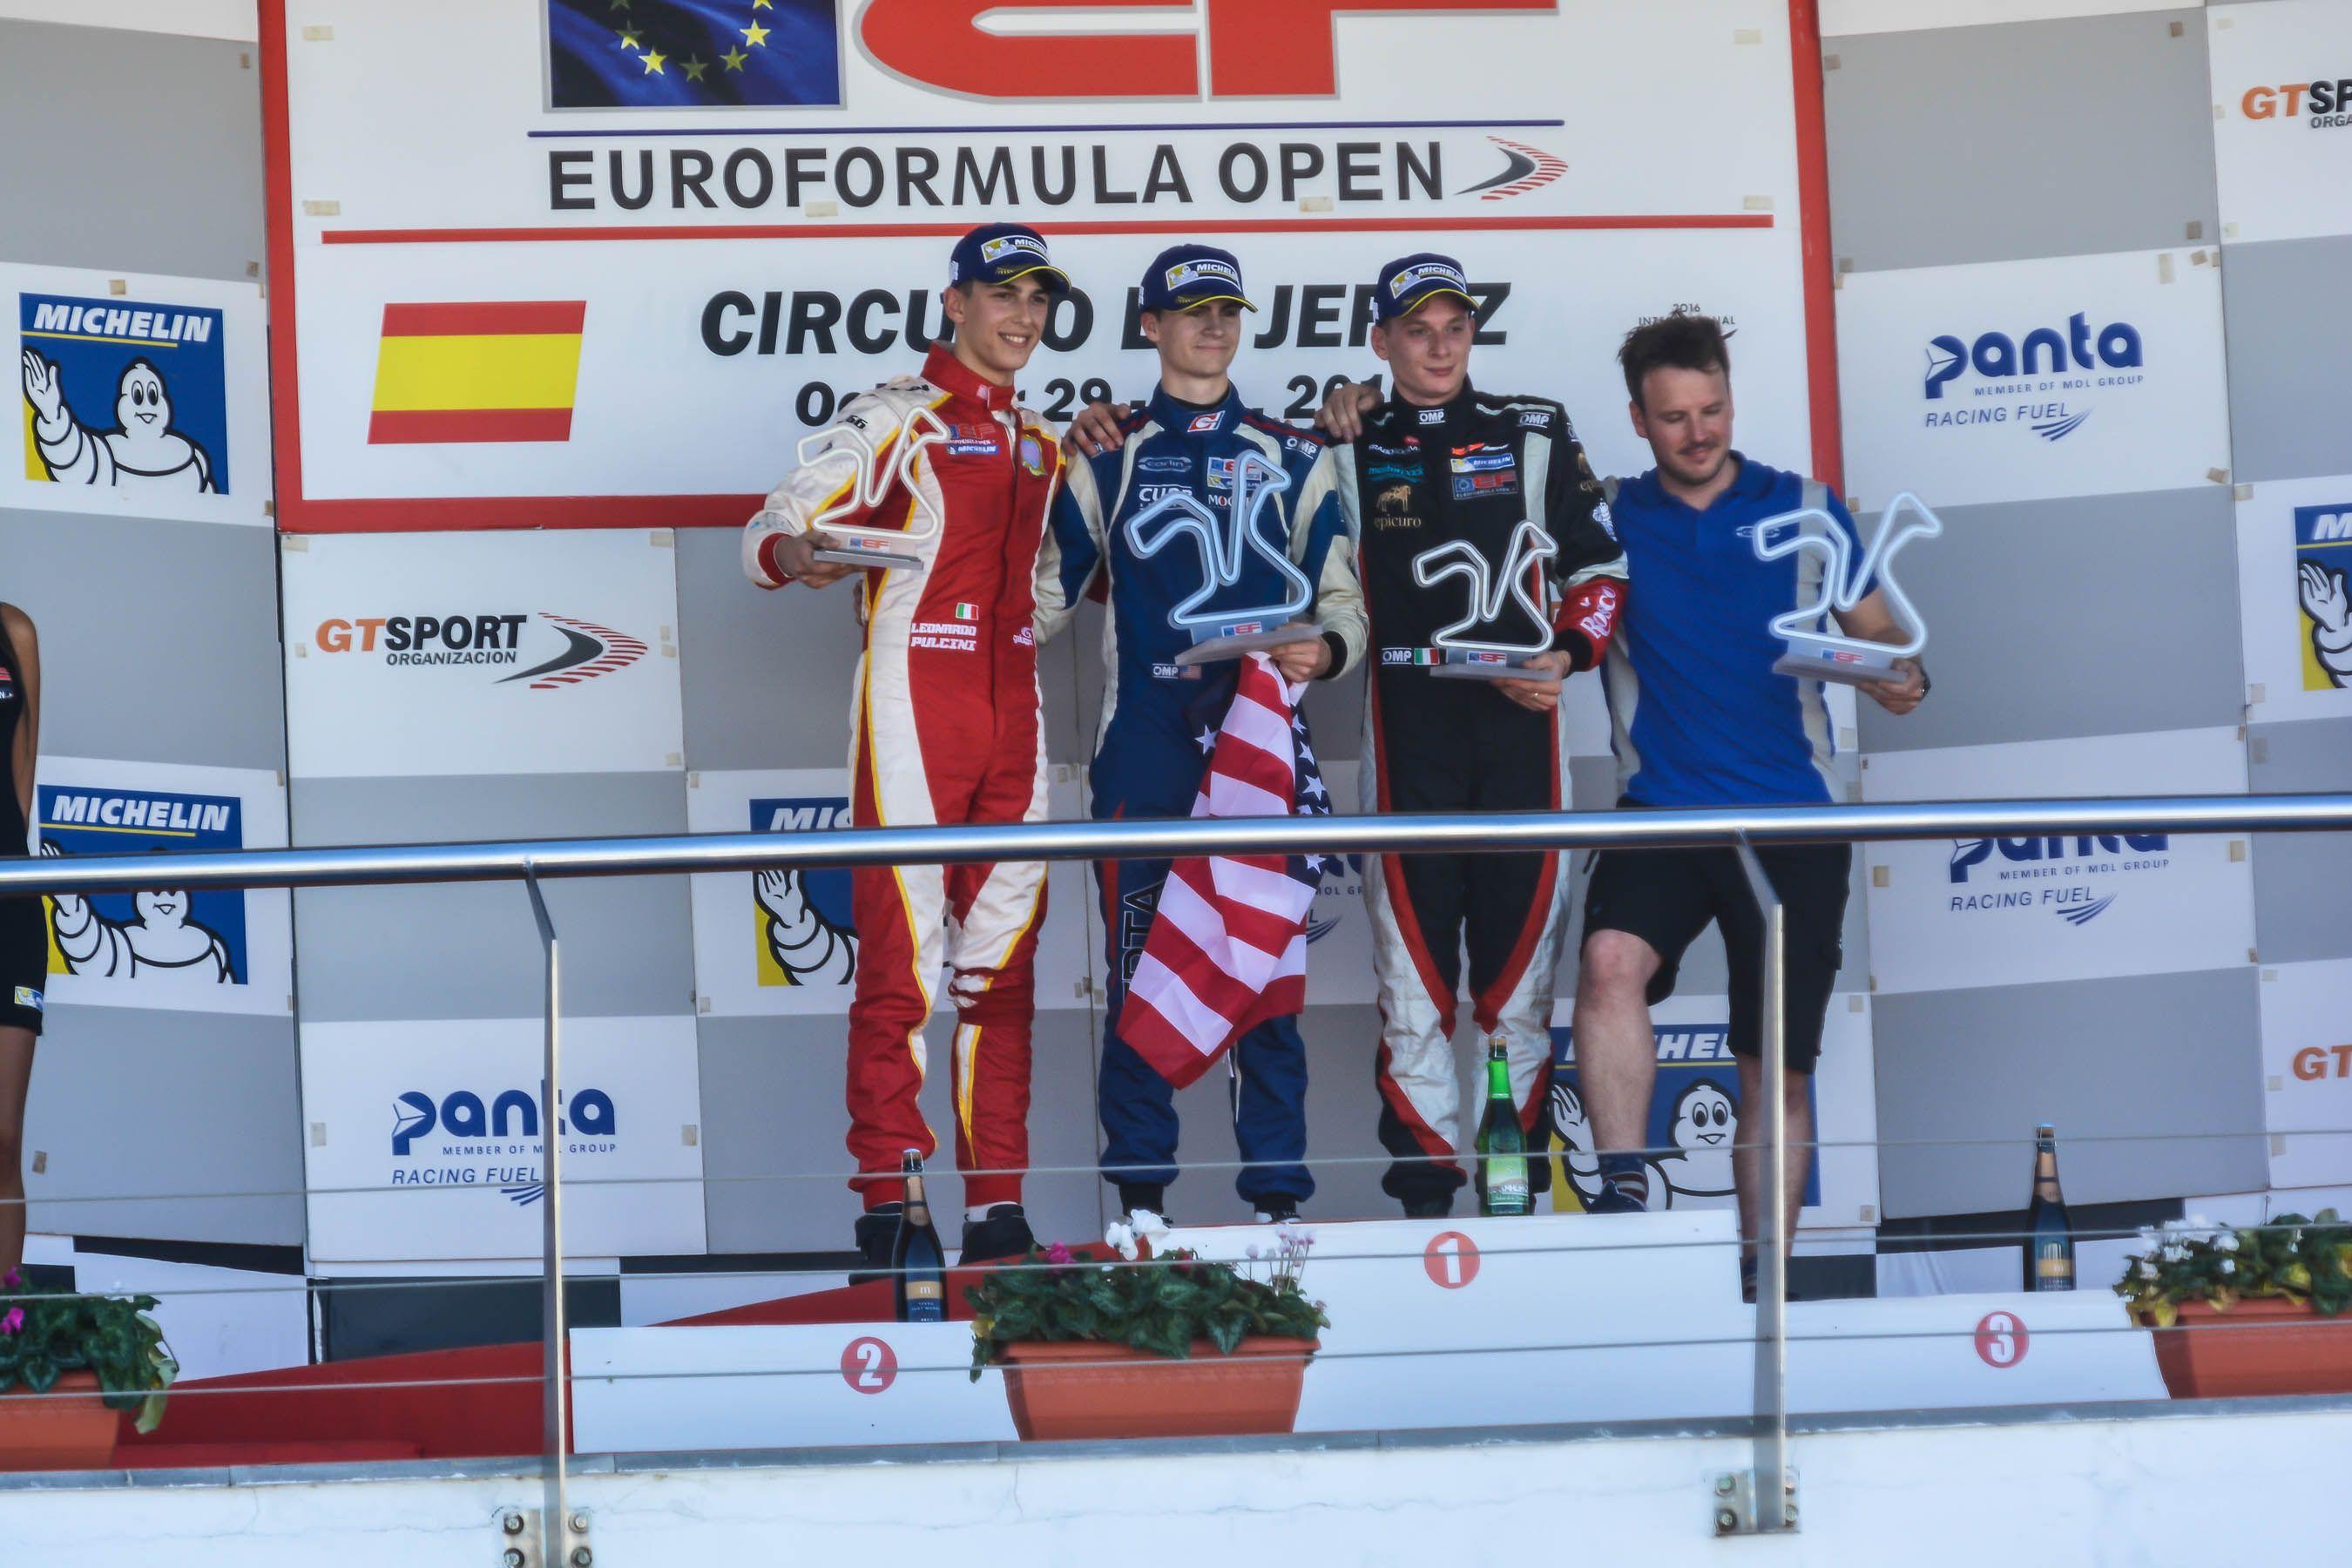 Pódium EuroFórmula: Colton Herta, Leonardo Pulcini y Damiano Fioriovanti | Christian Cantizano para MIRA Jerez